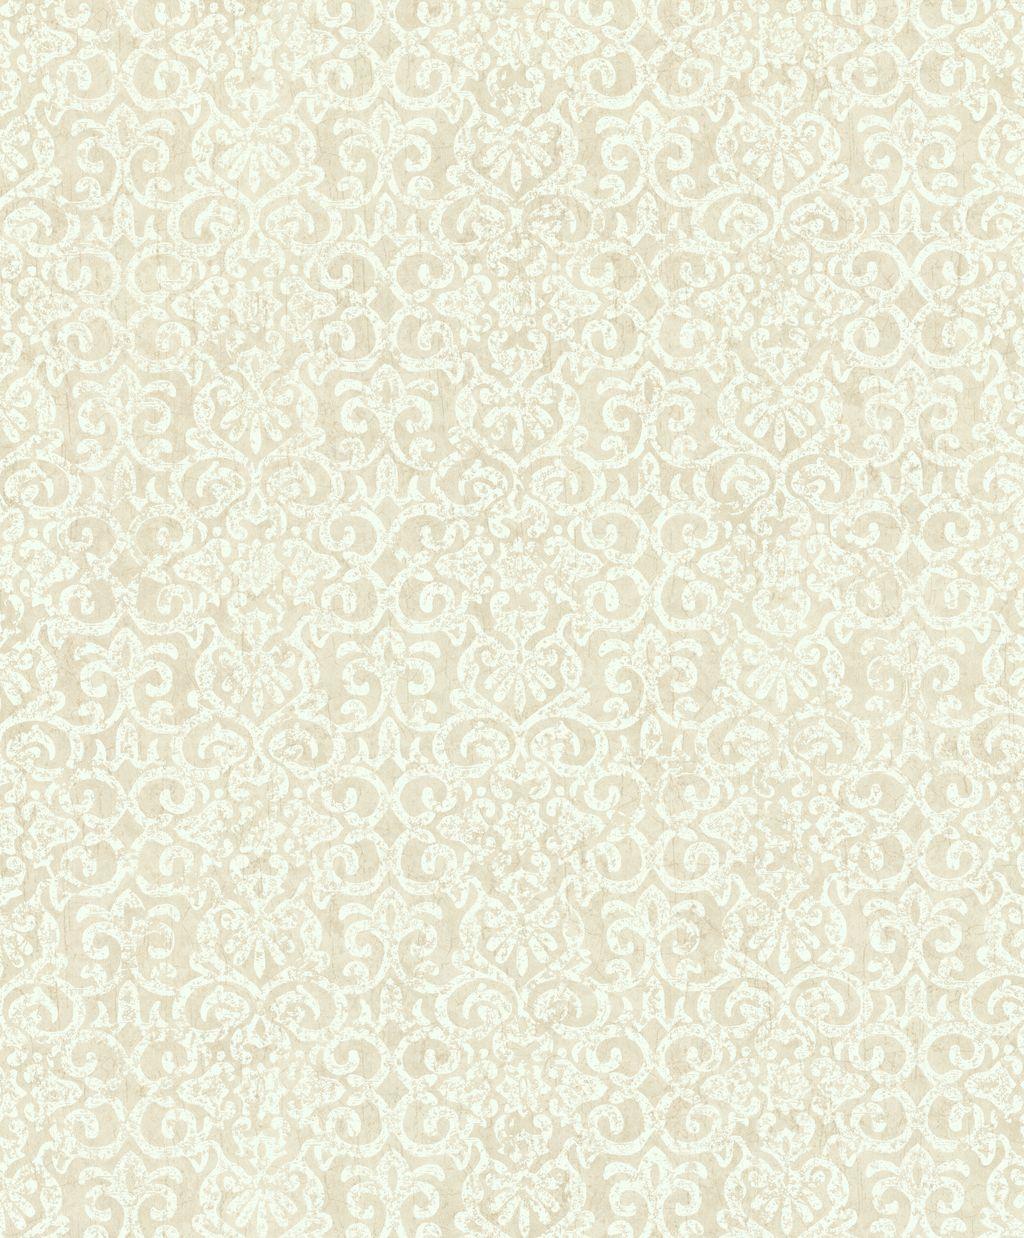 Итальянские обои Estro,  коллекция Amarantine, артикулAR51301